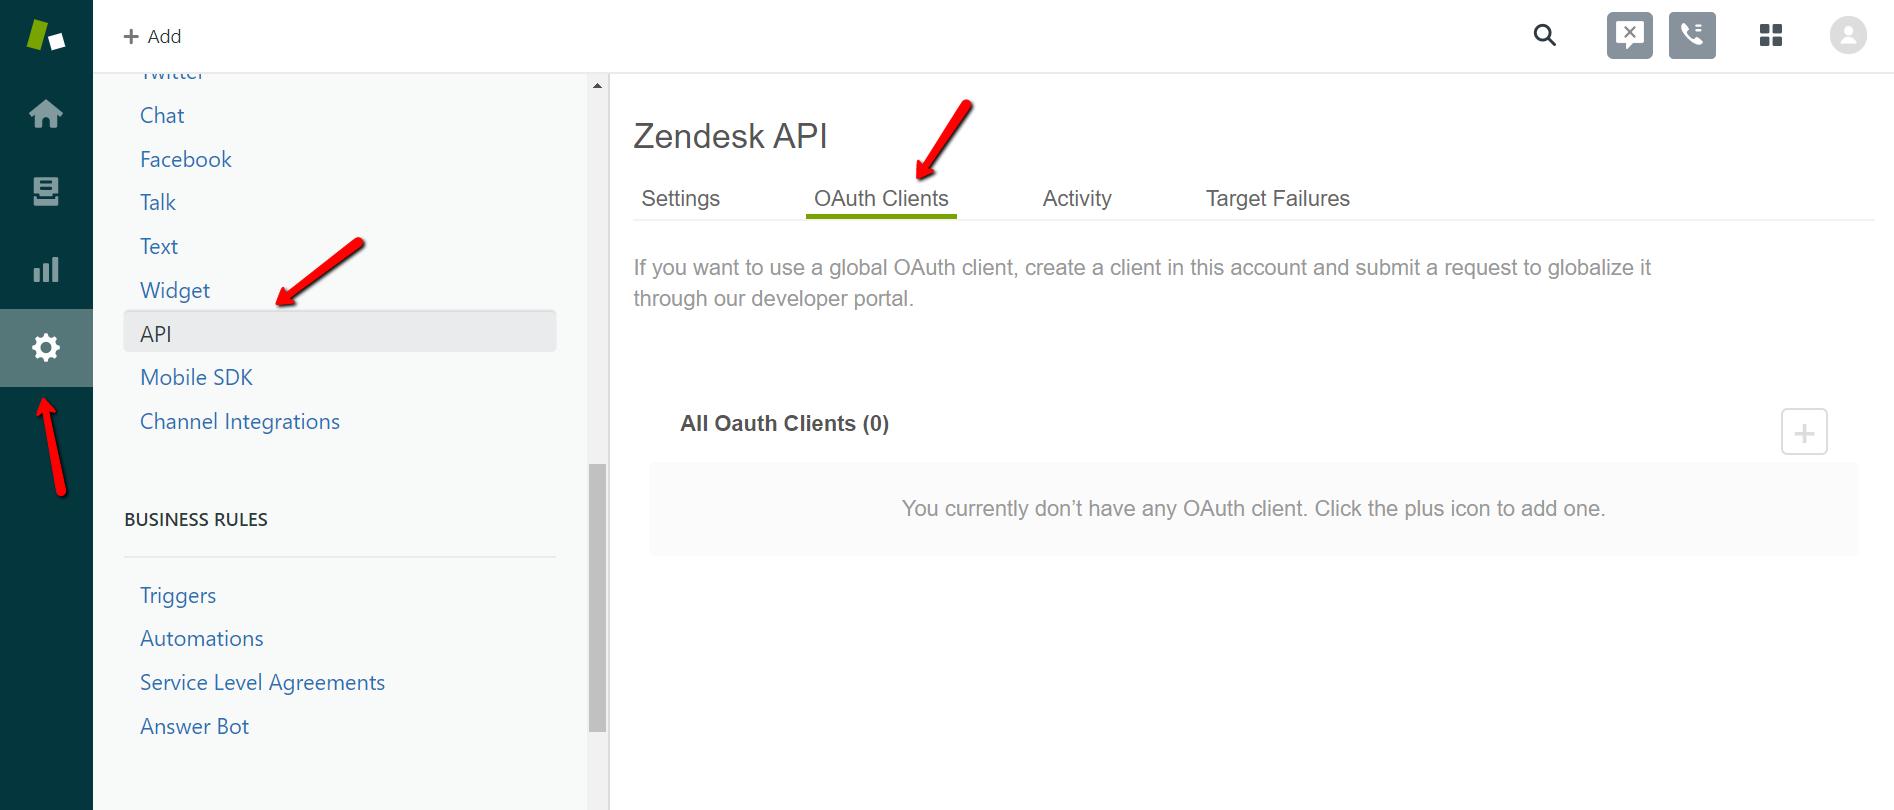 zendesk_settings_SMSBump